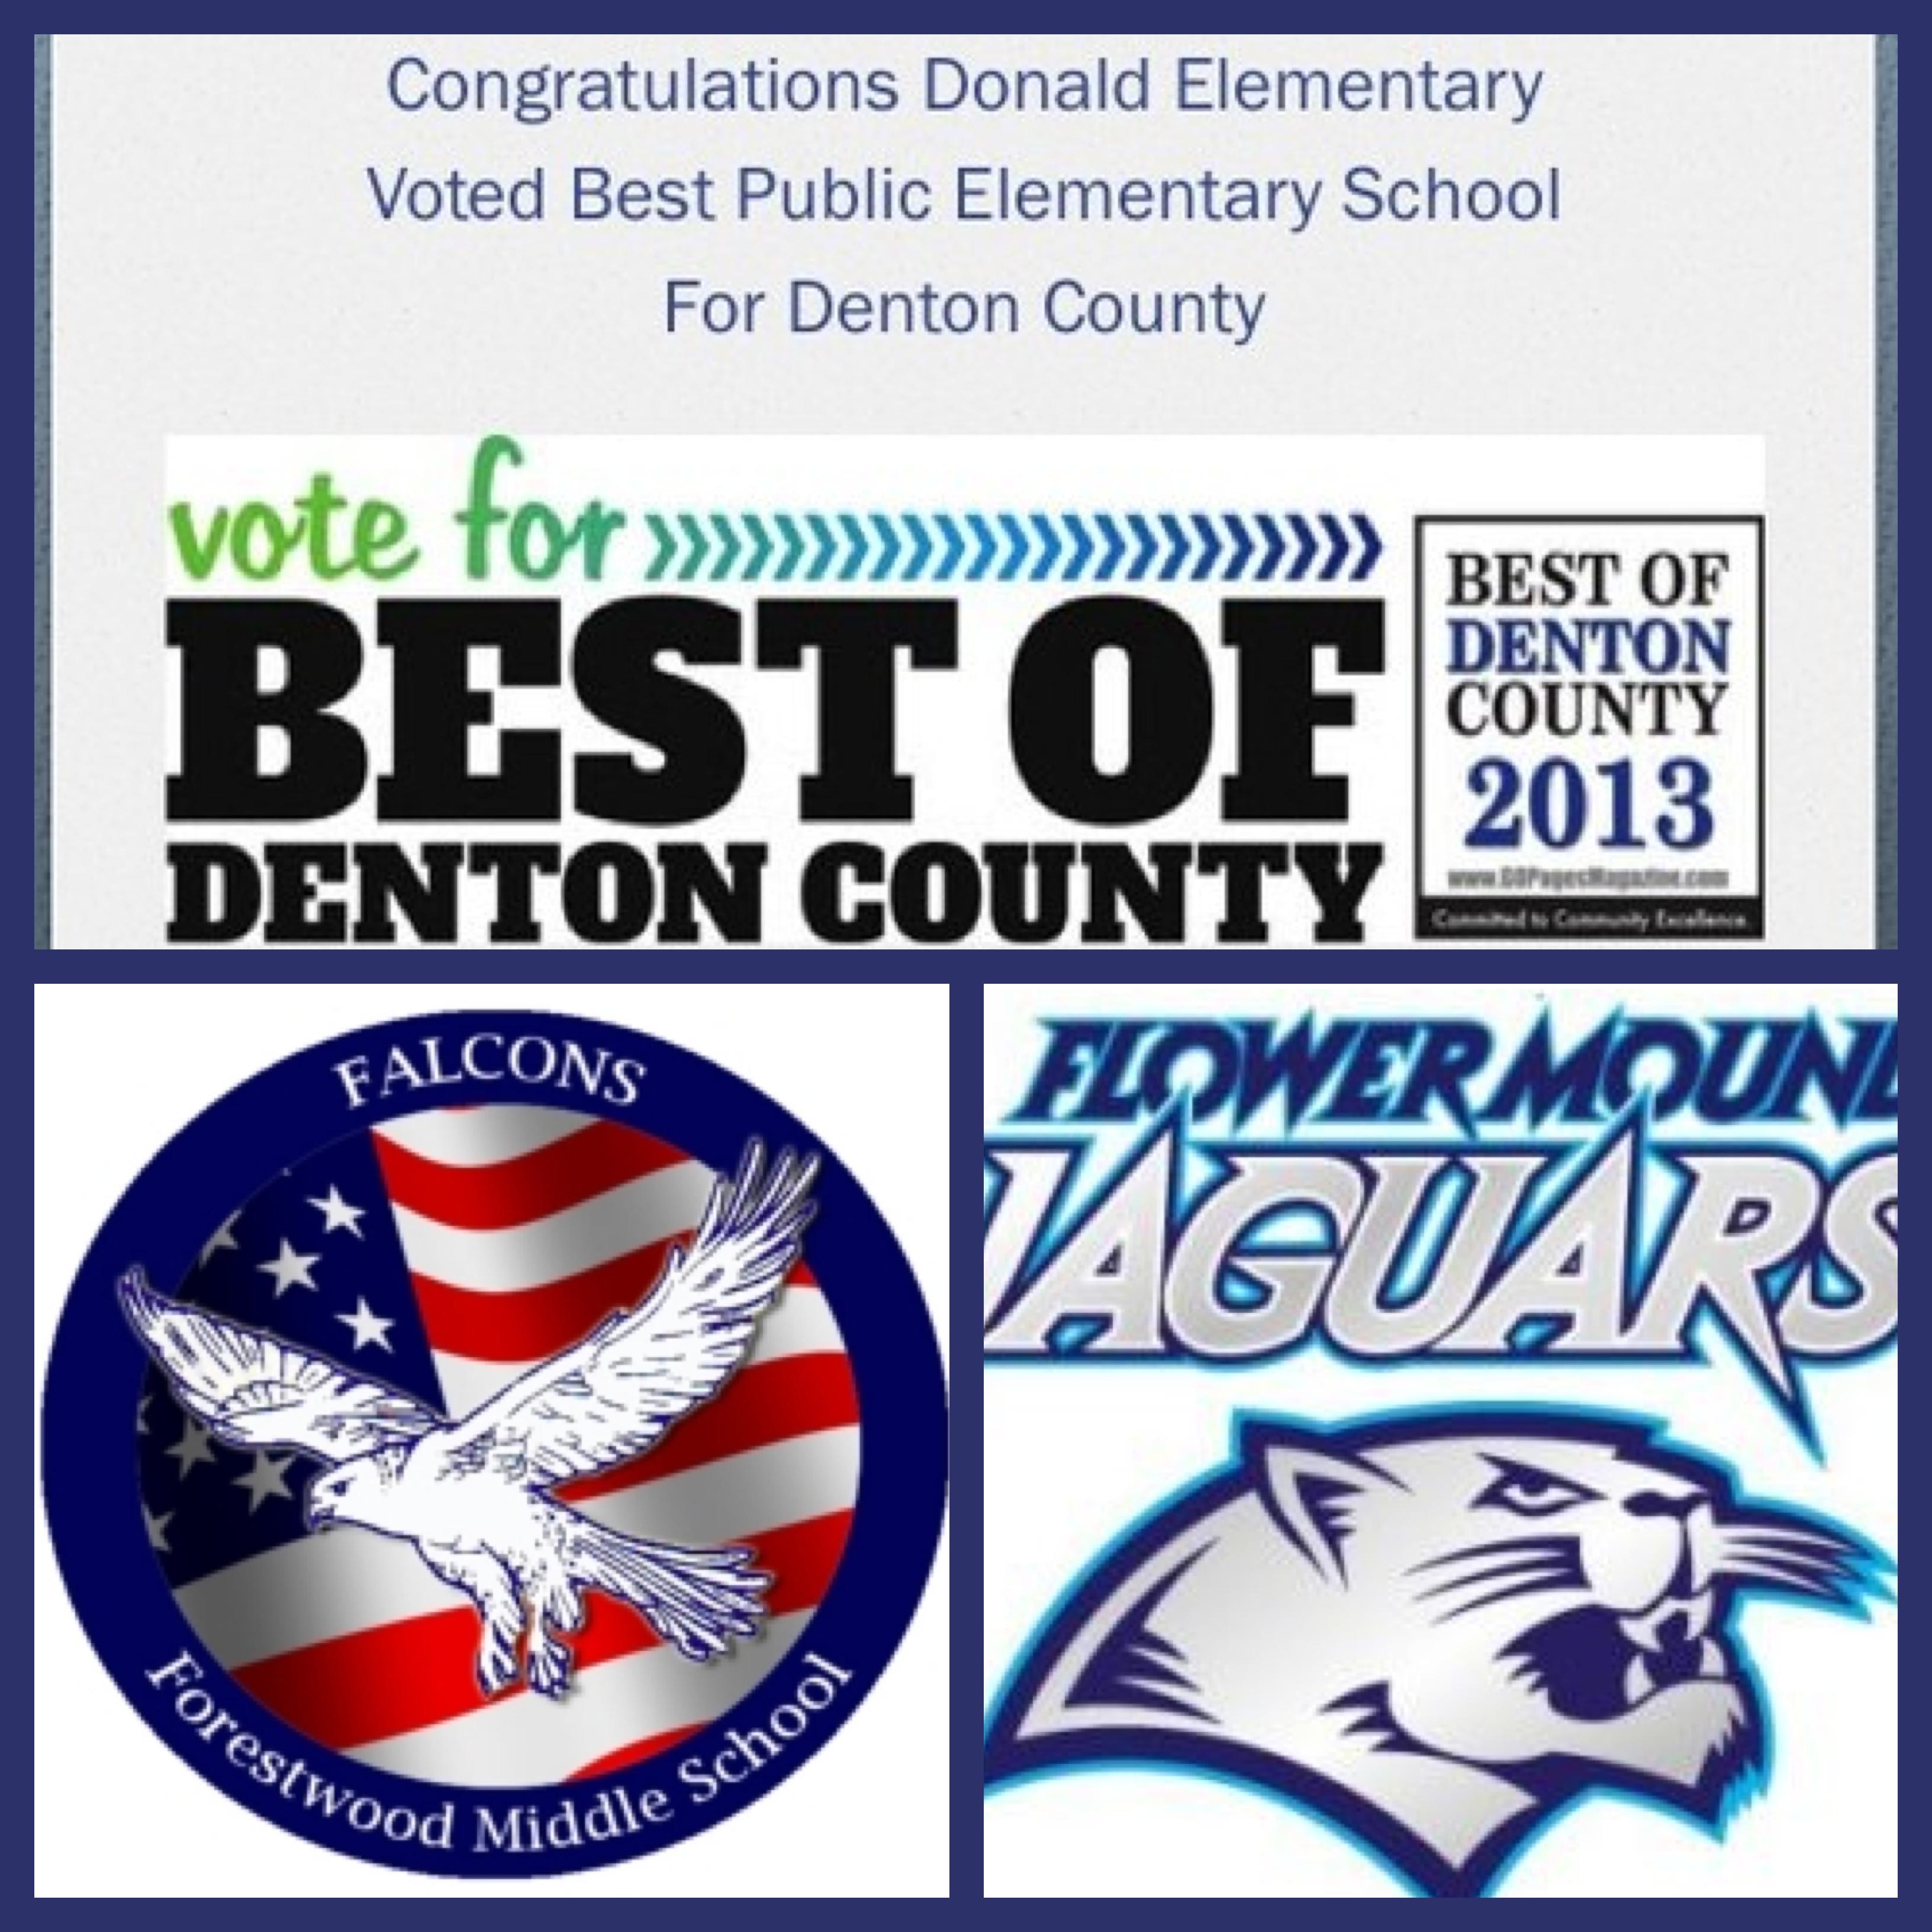 Denton County Education